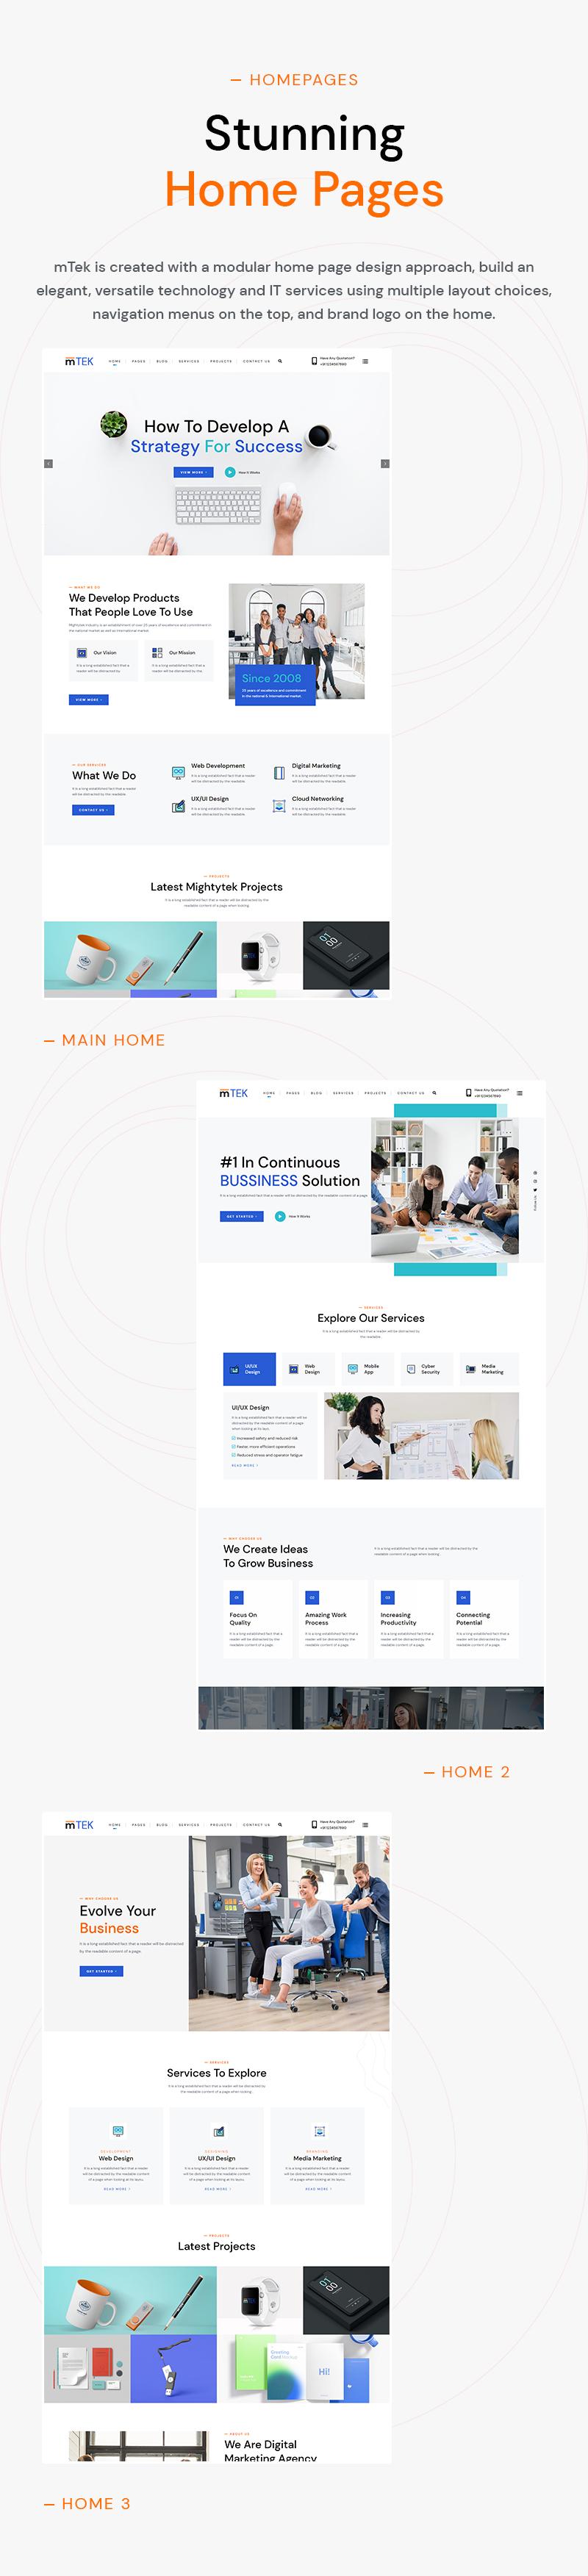 MightyTek | IT Services & Technology WordPress Theme - 6